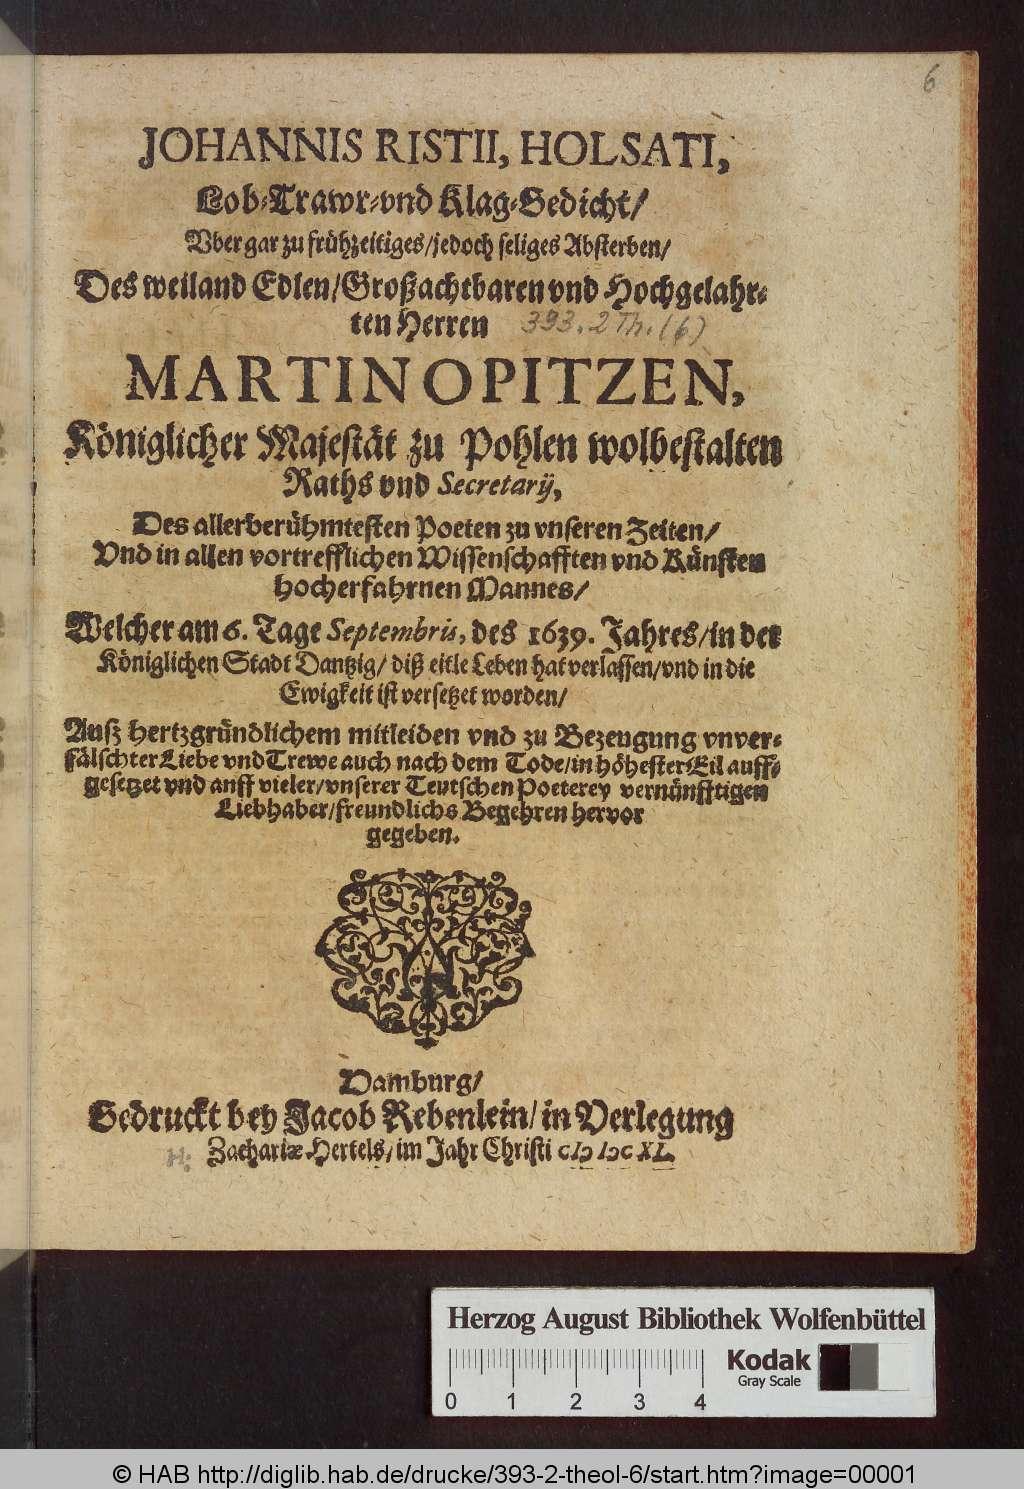 http://diglib.hab.de/drucke/393-2-theol-6/00001.jpg